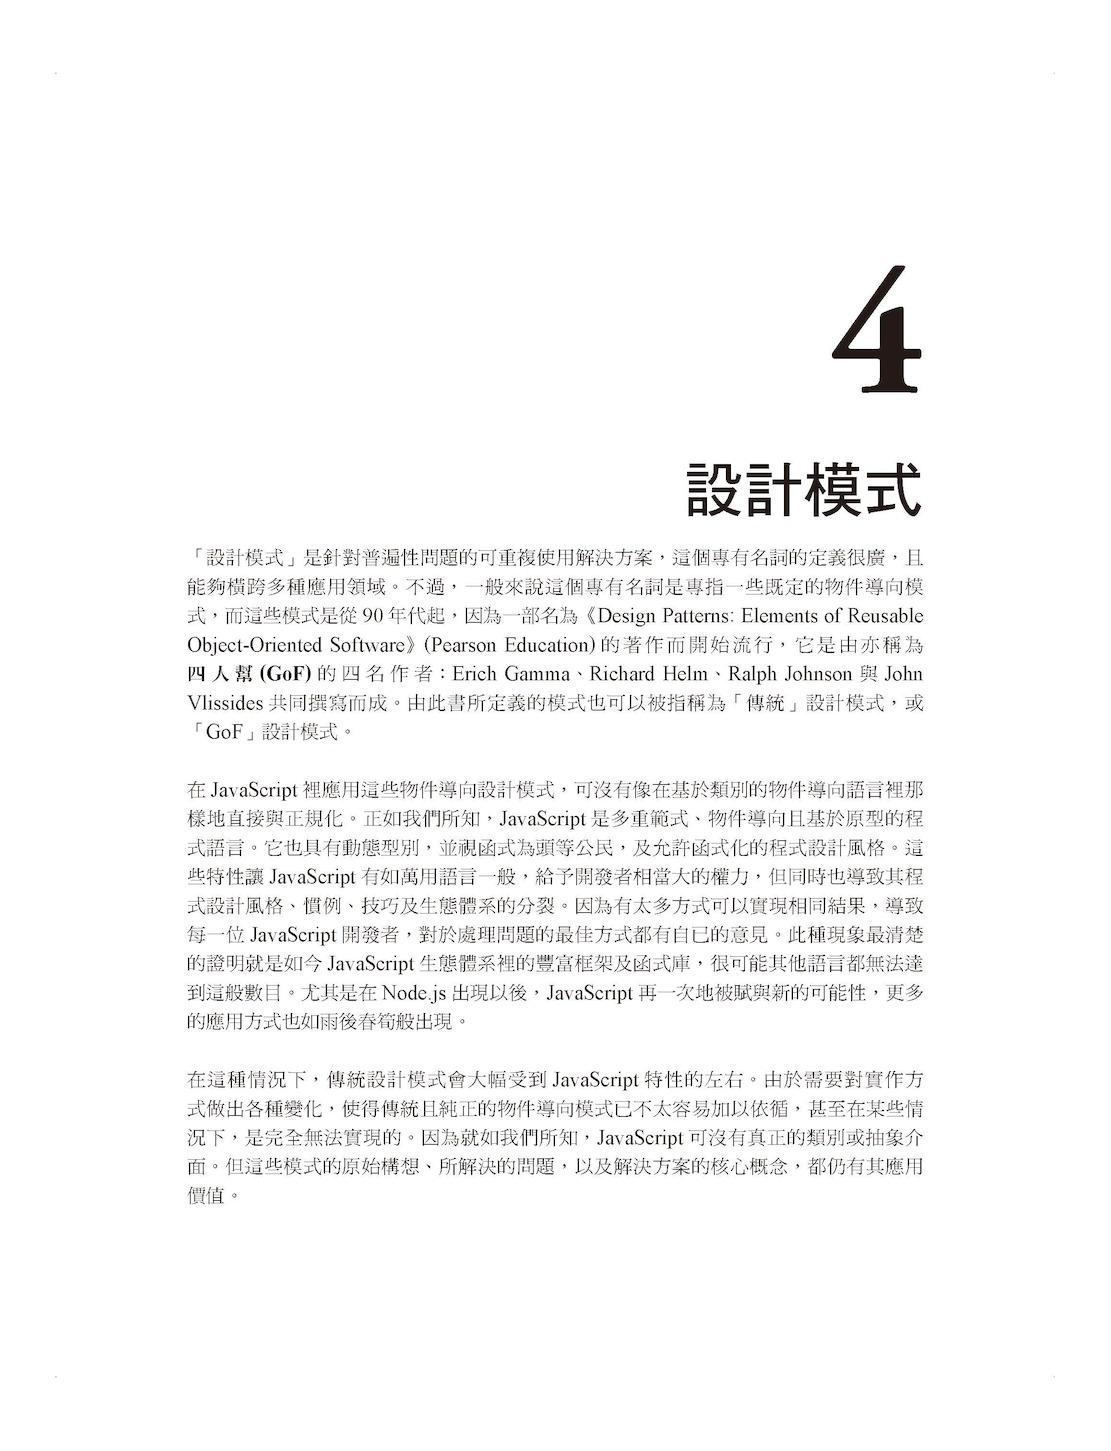 Node Js設計模式 Node Js Design Patterns 電腦資訊類 暢銷書